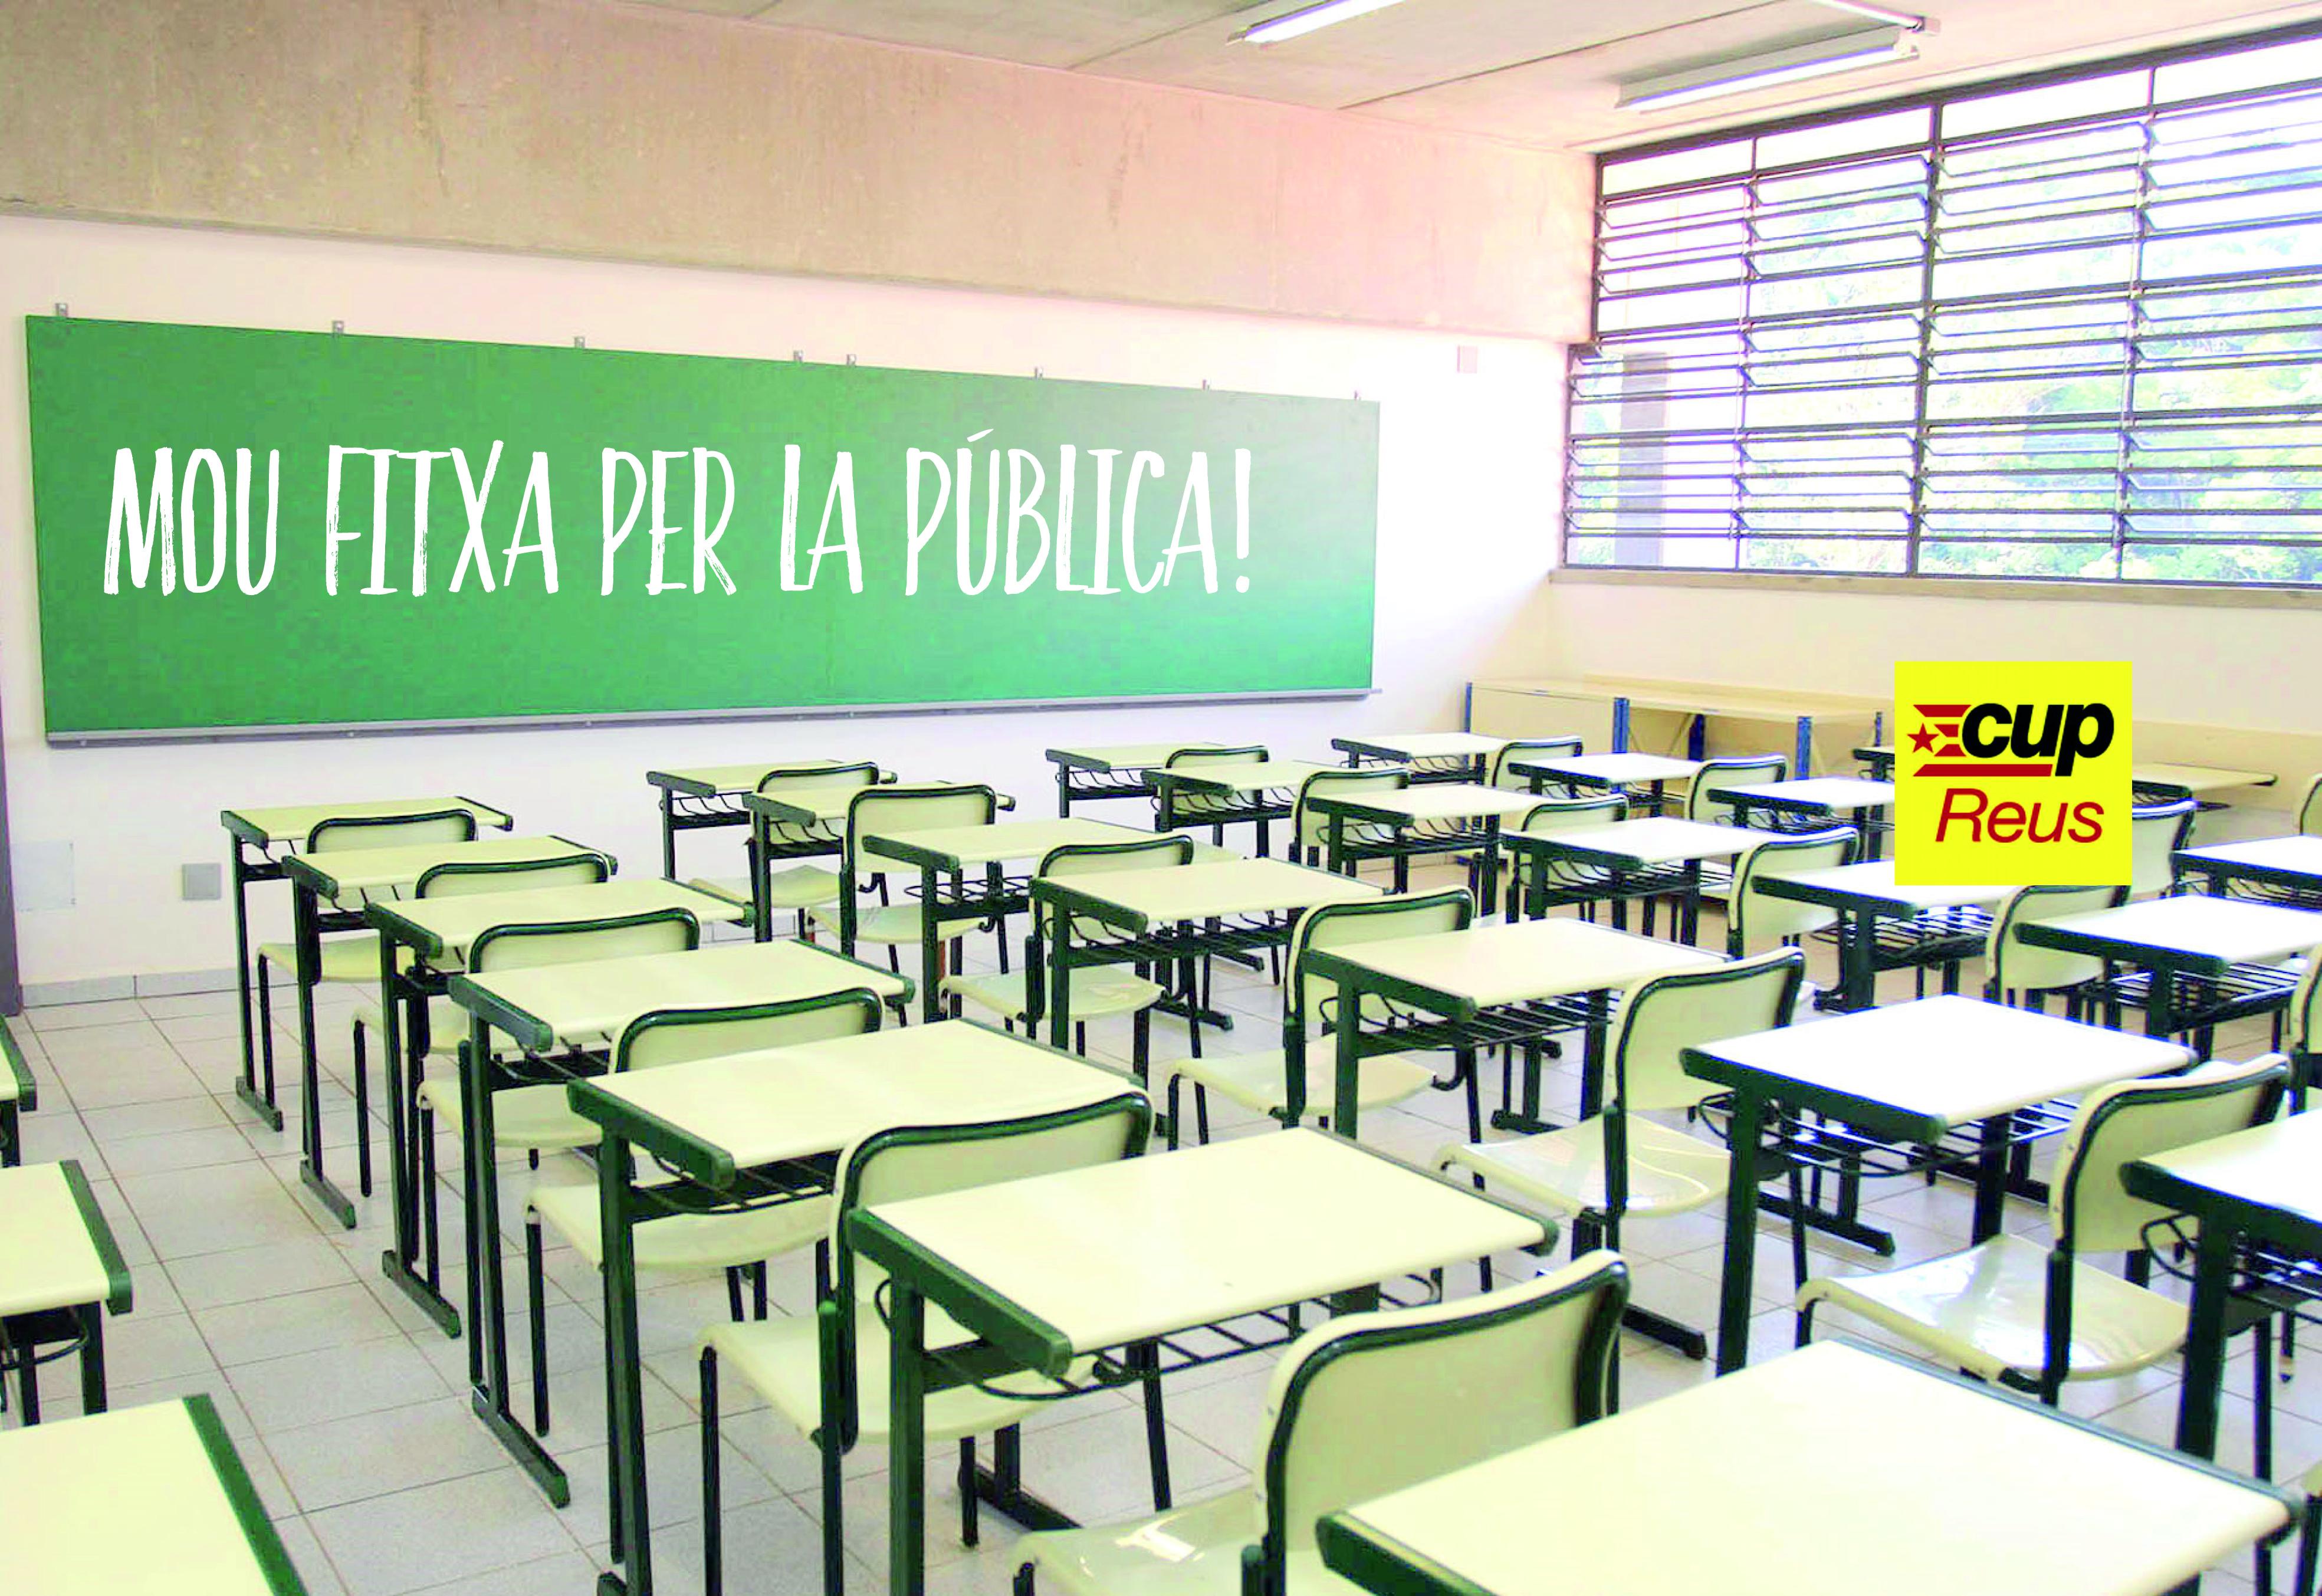 escola pública reus